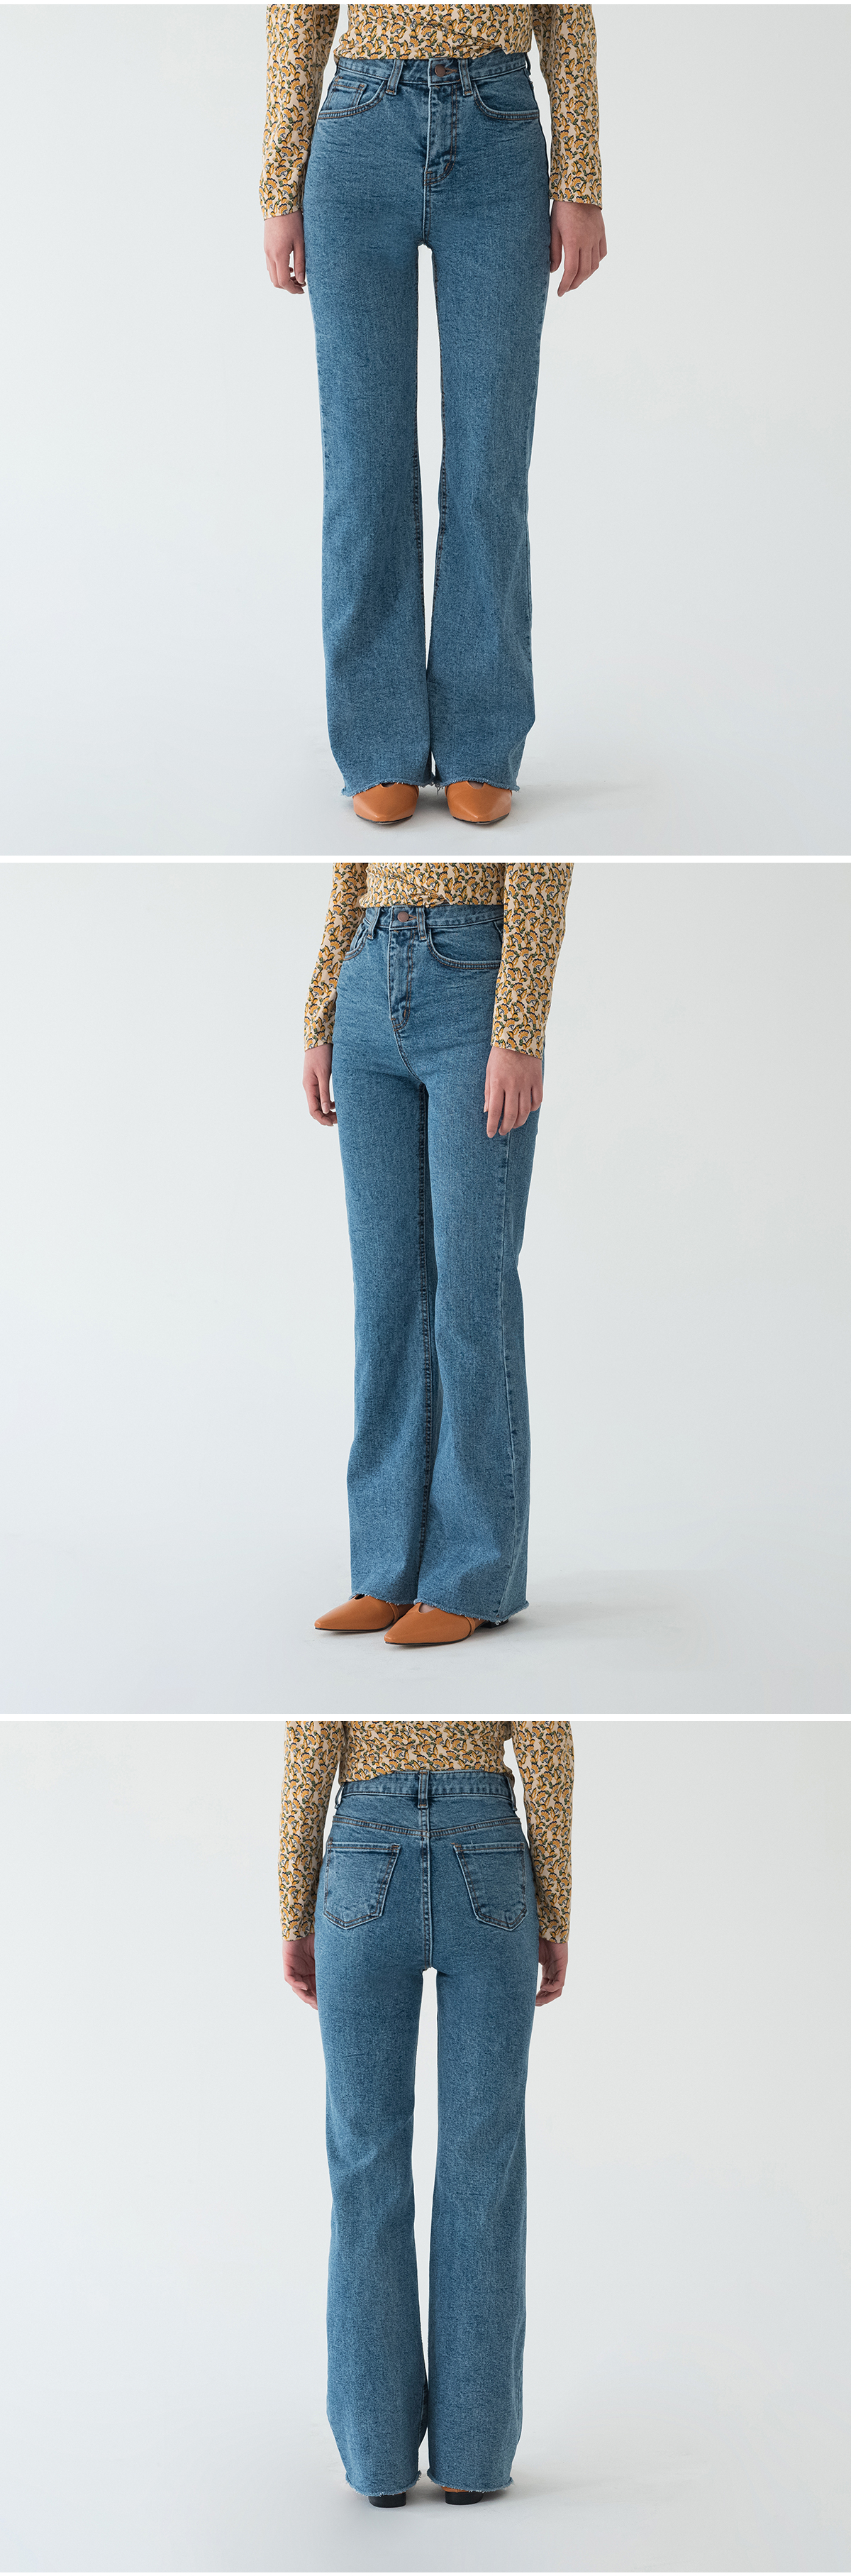 sensual boots-cut denim pants